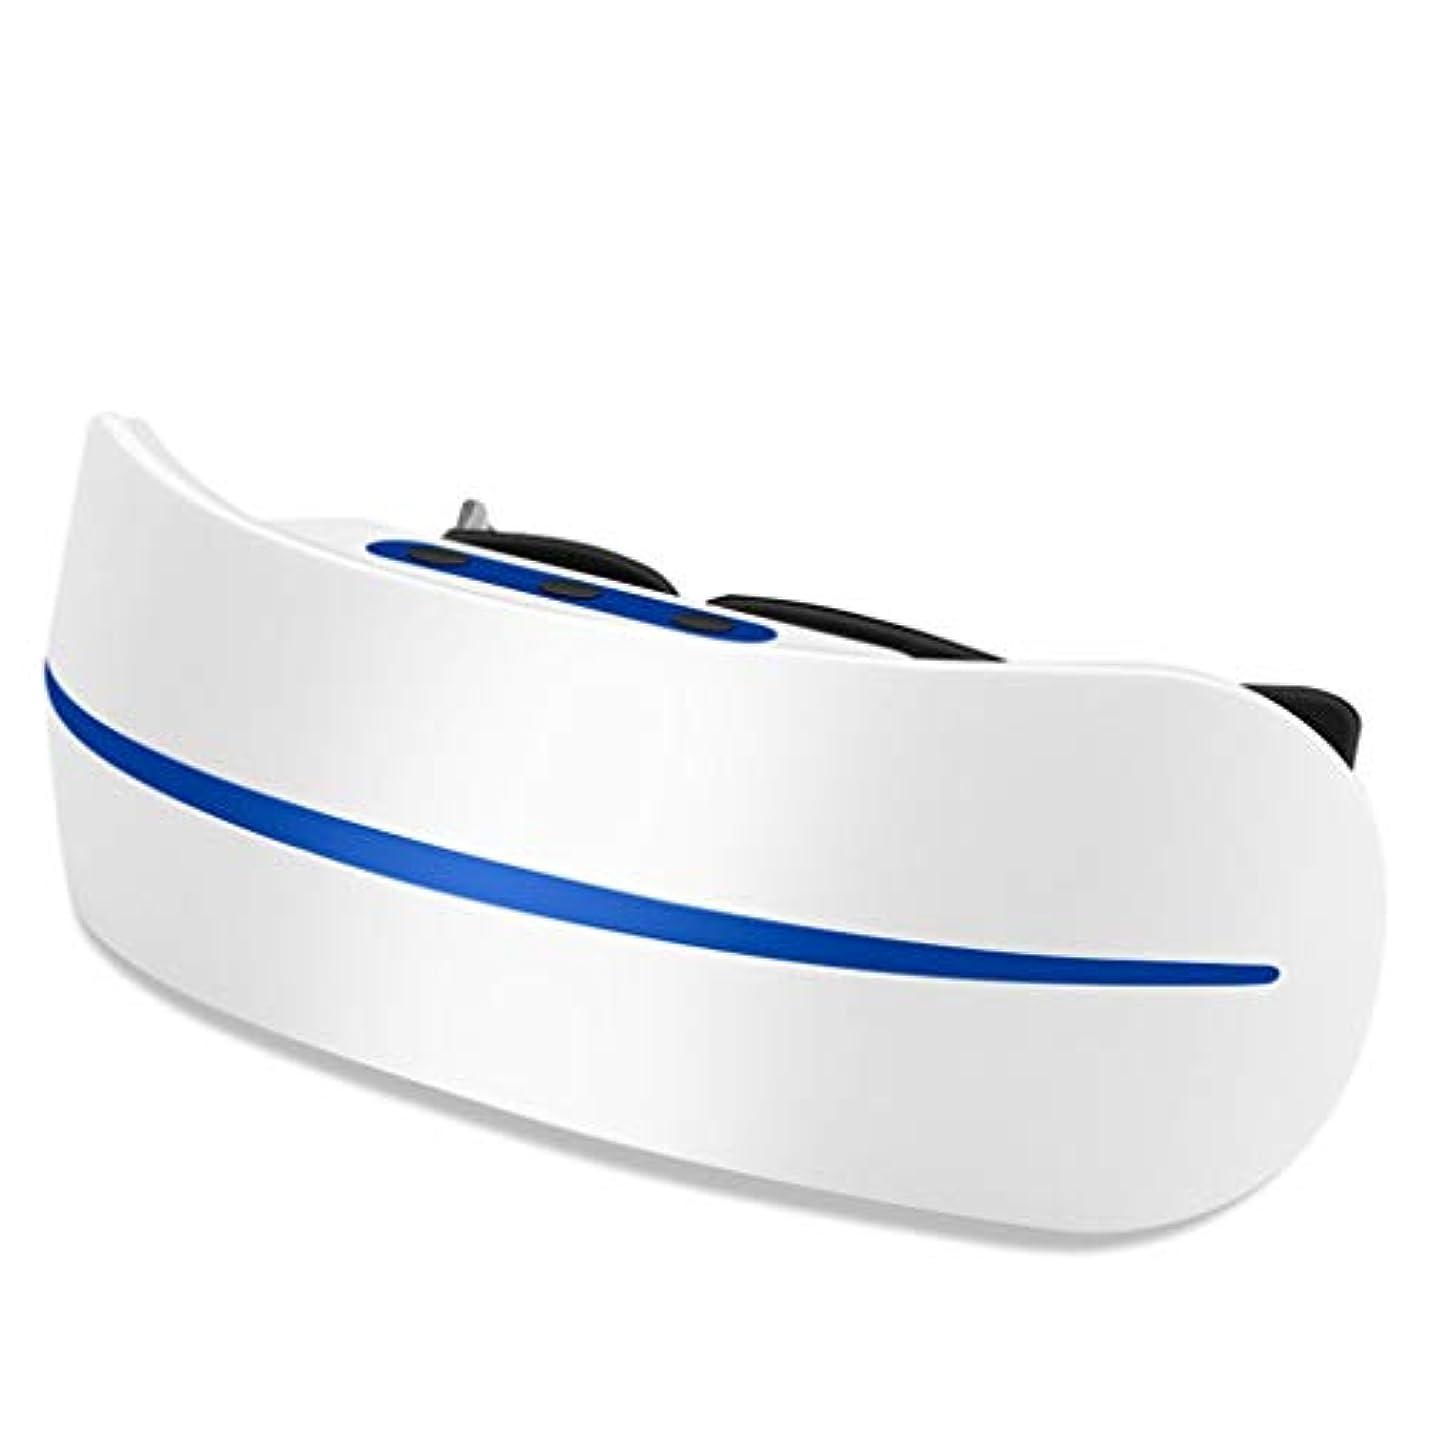 何か識別するけがをするアイマッサージャー視力回復剤アイ近視矯正アイプロテクターアイプロテクション軽減疲労ダークサークルアイマスク